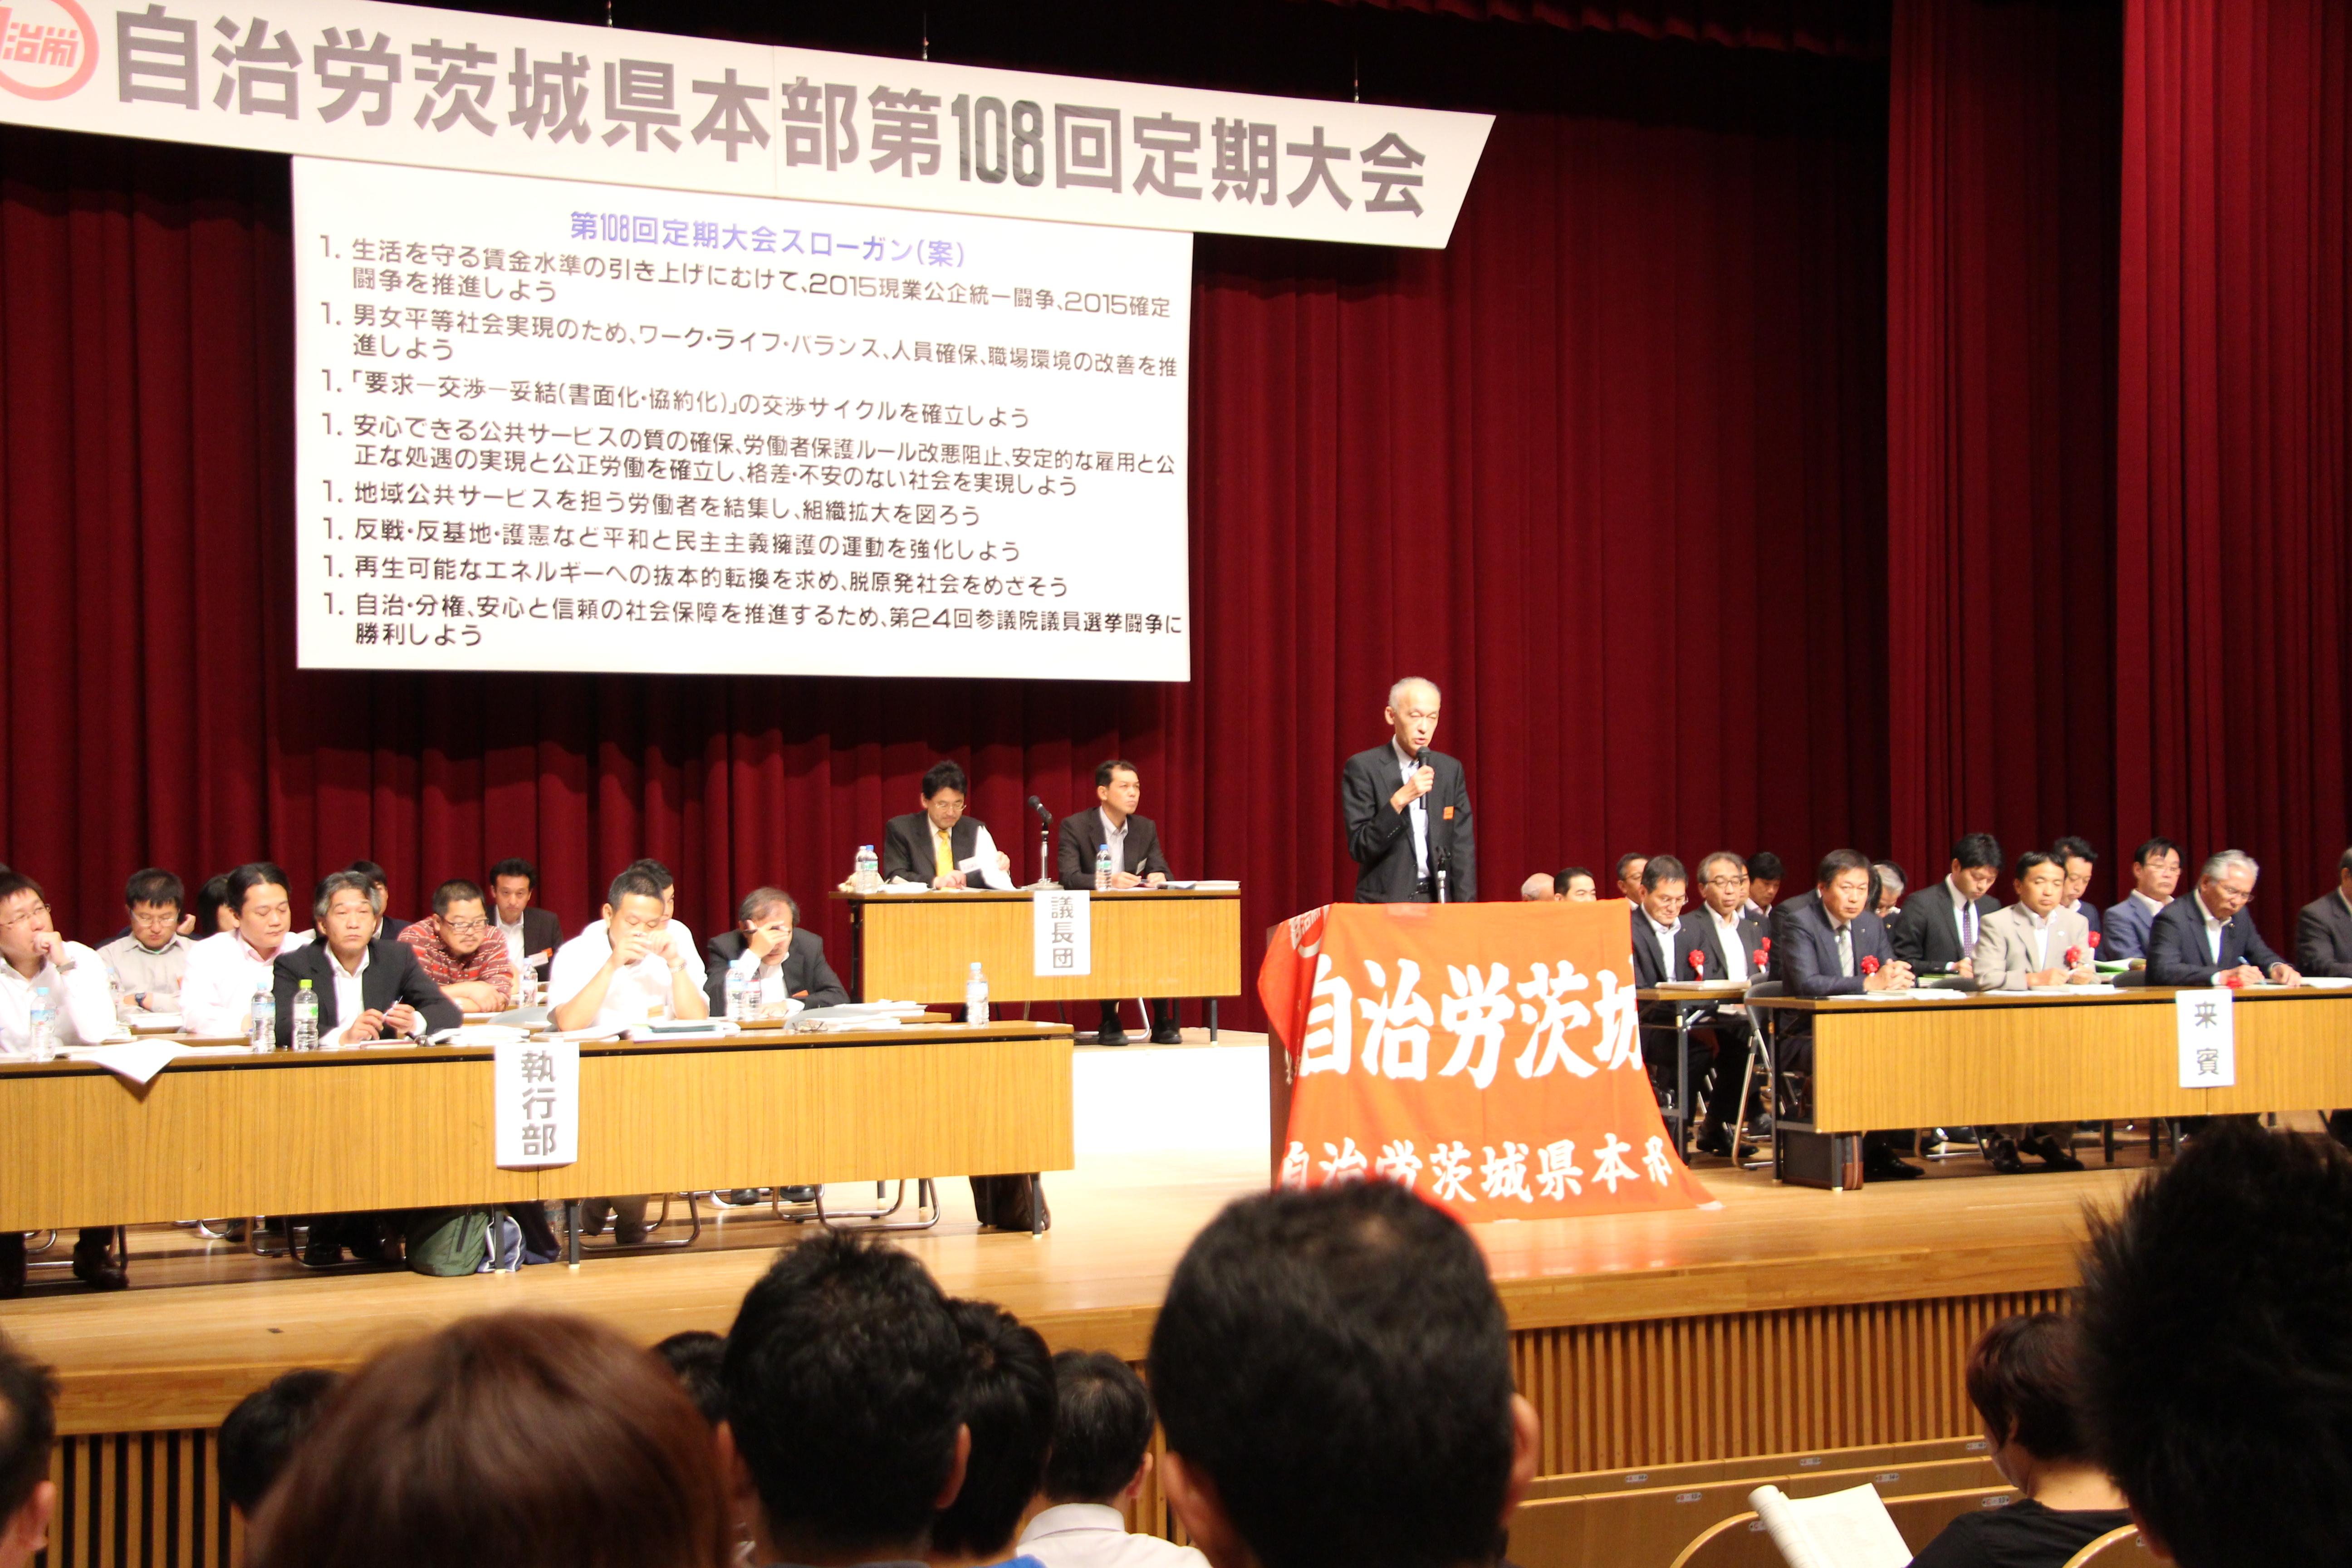 自治労茨城県本部第108回定期大会が開催されました。の画像